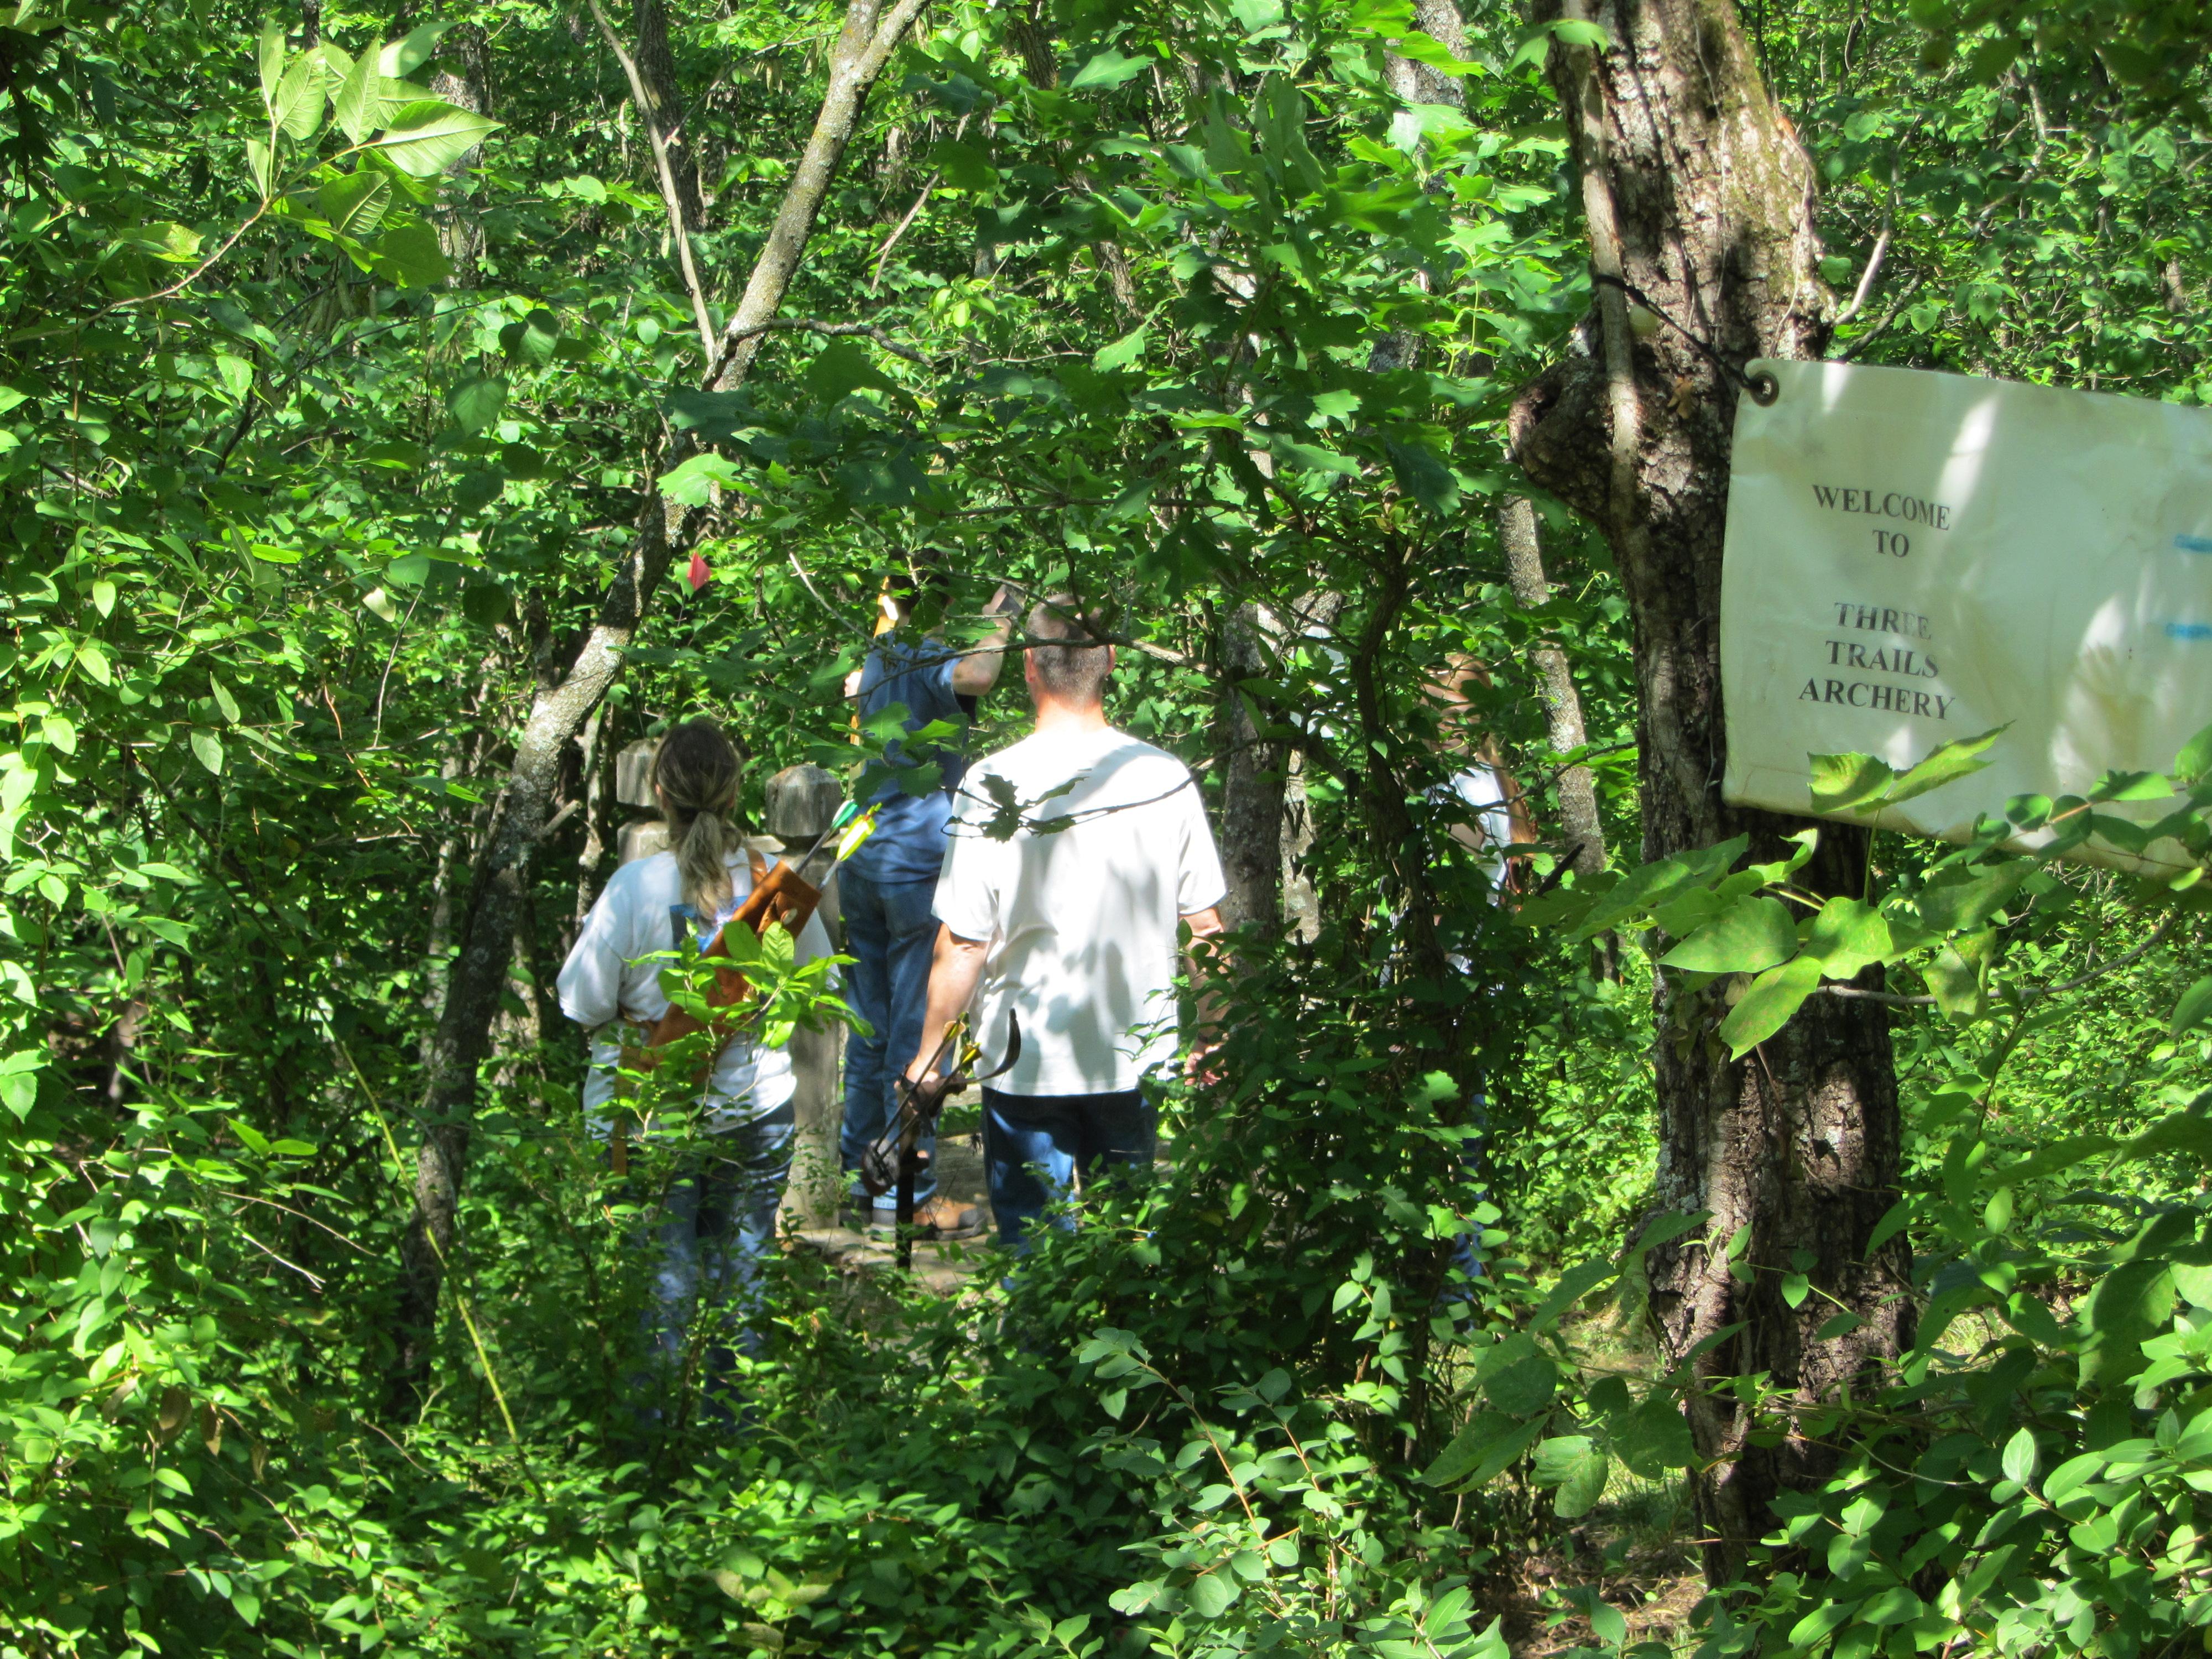 Three+Trails+Shoot+5-2012+005